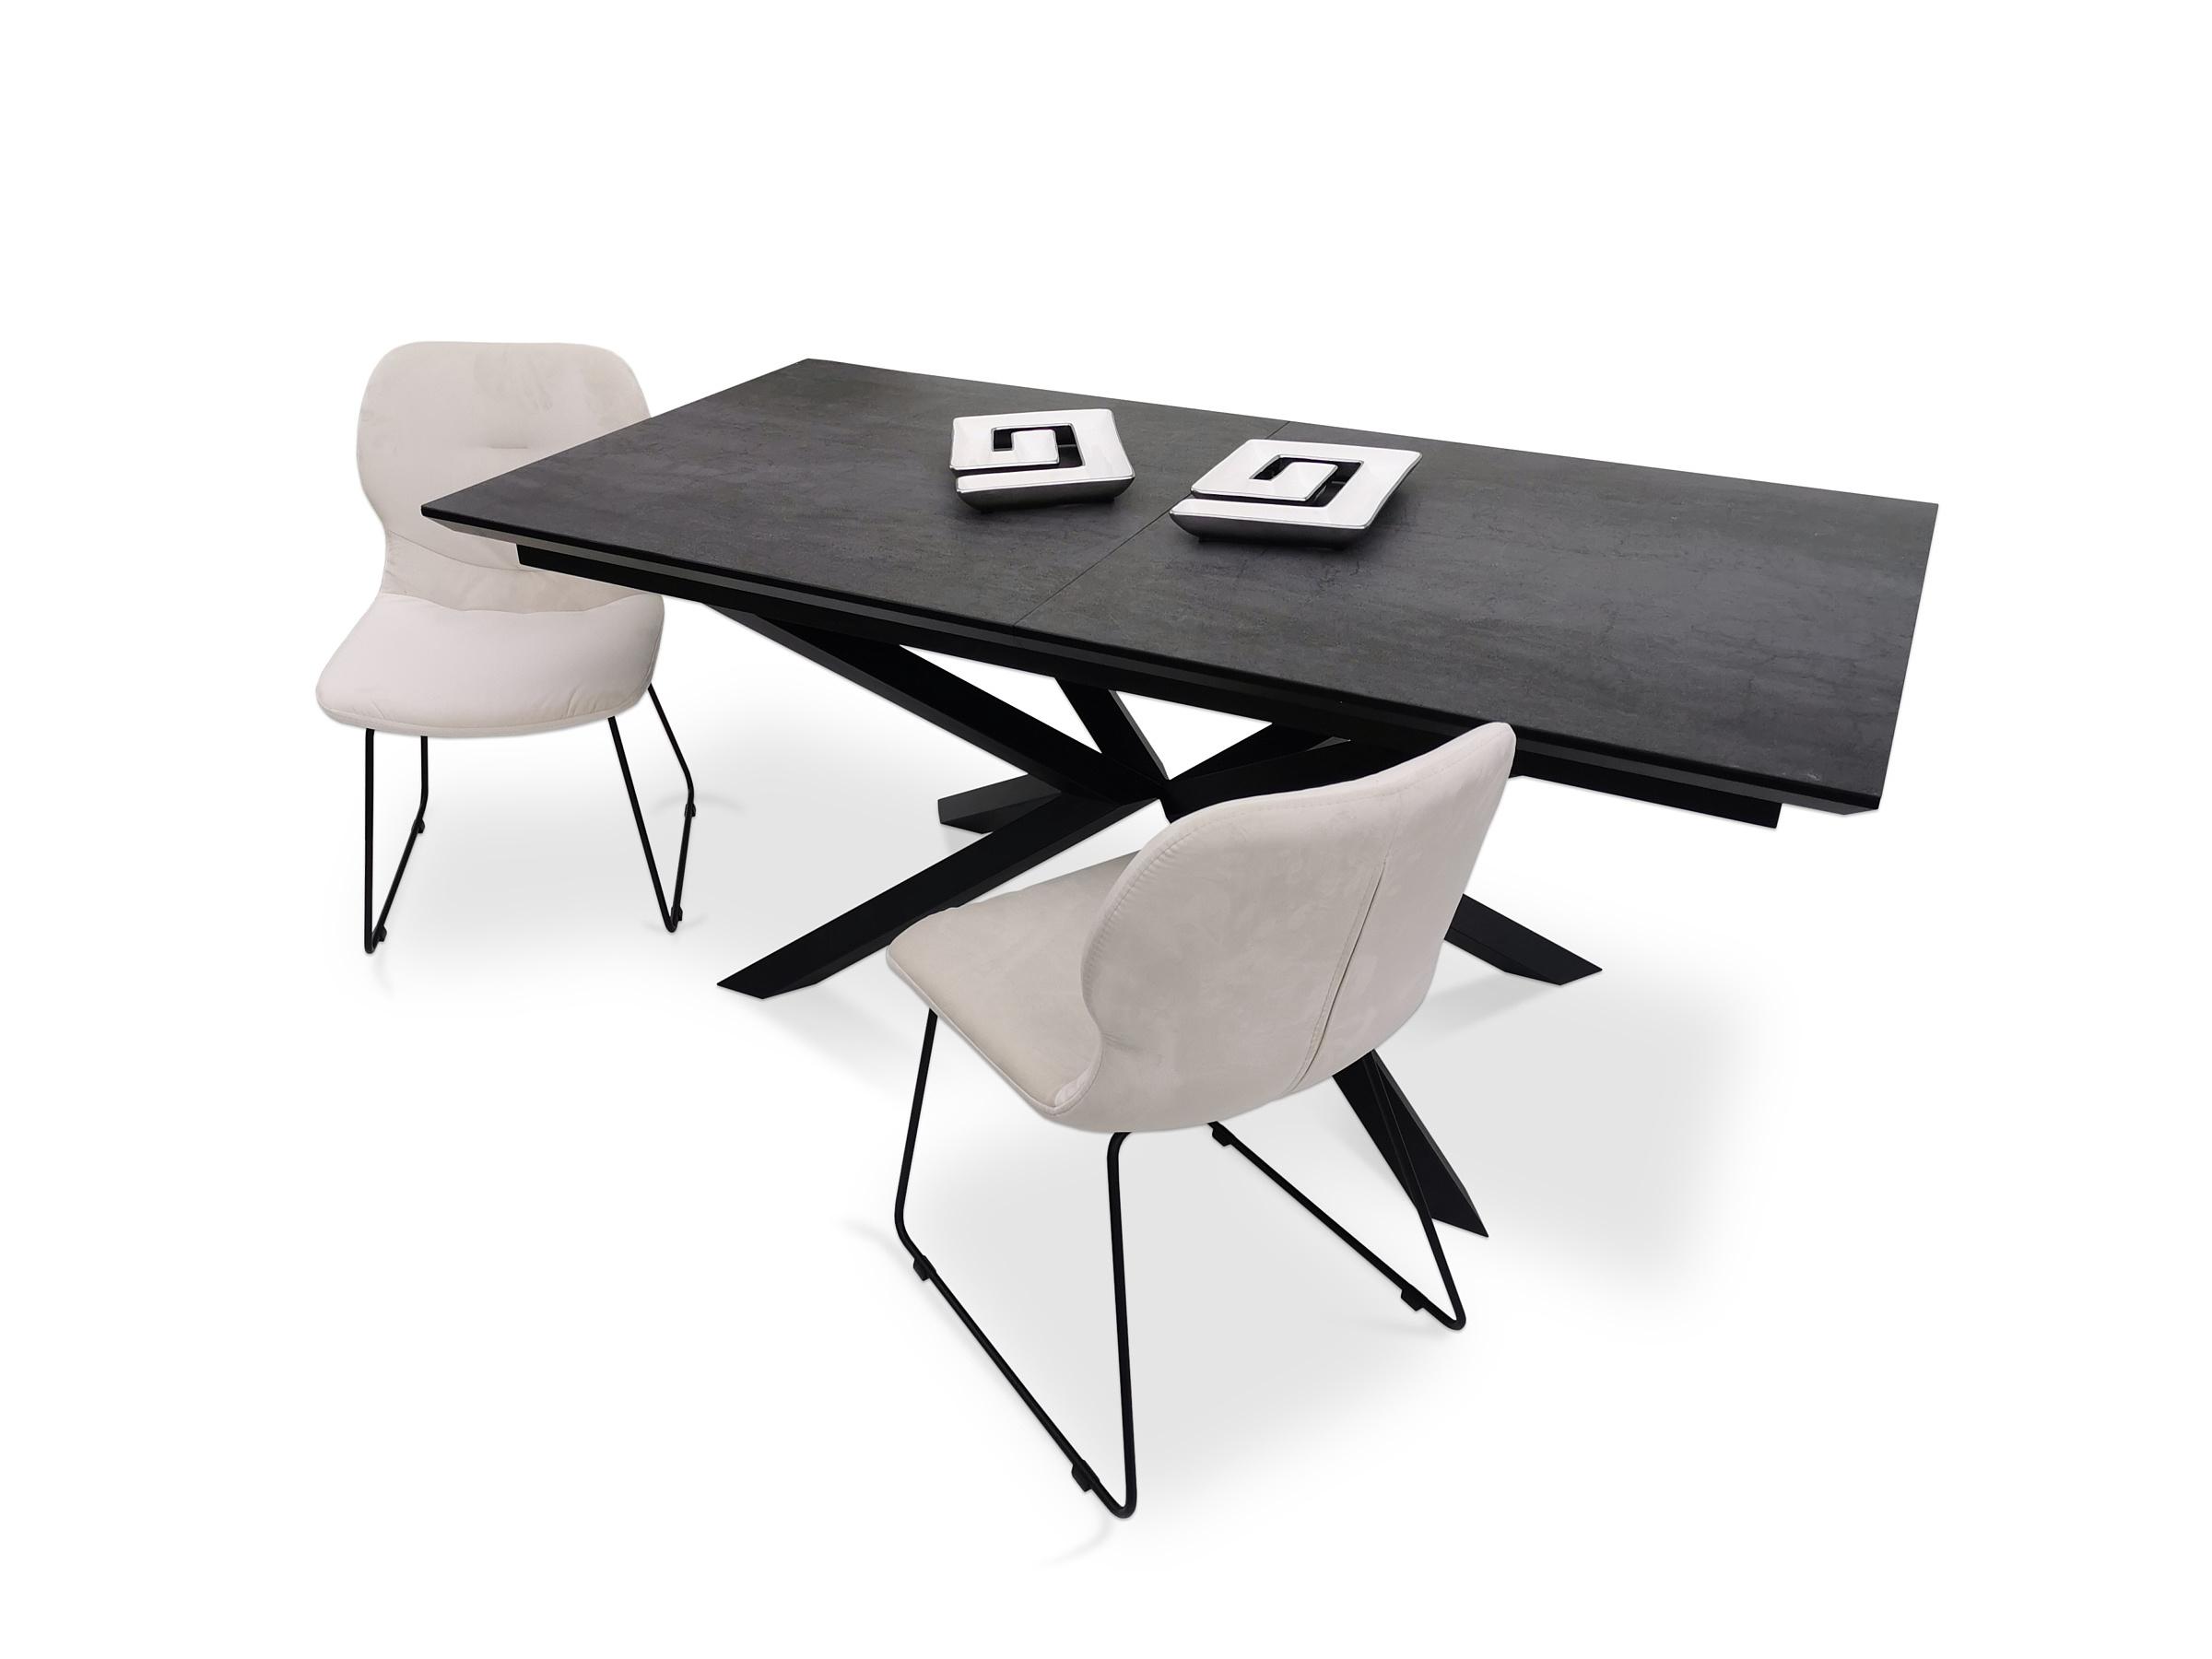 Krzesła tapicerowane na płozie metalowej z ciemnym spiekiem kwarcowym pietra di savoia antracite